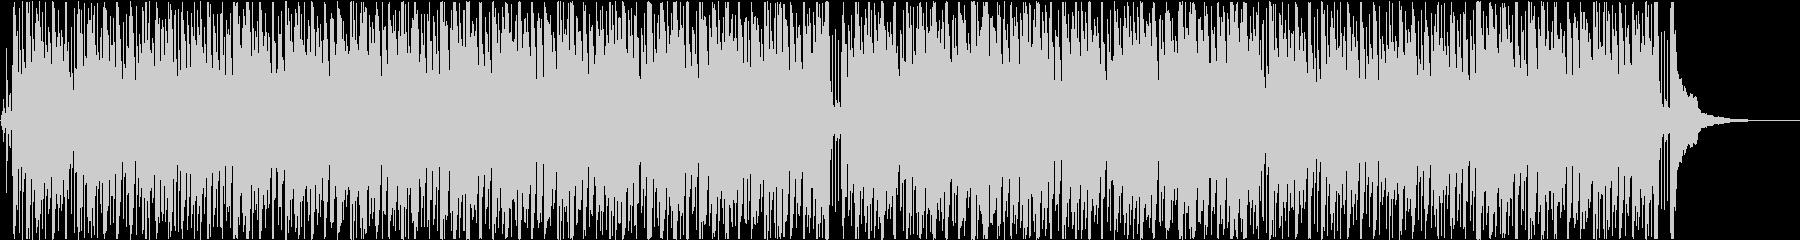 滑らか ジャズ フュージョン ポジ...の未再生の波形